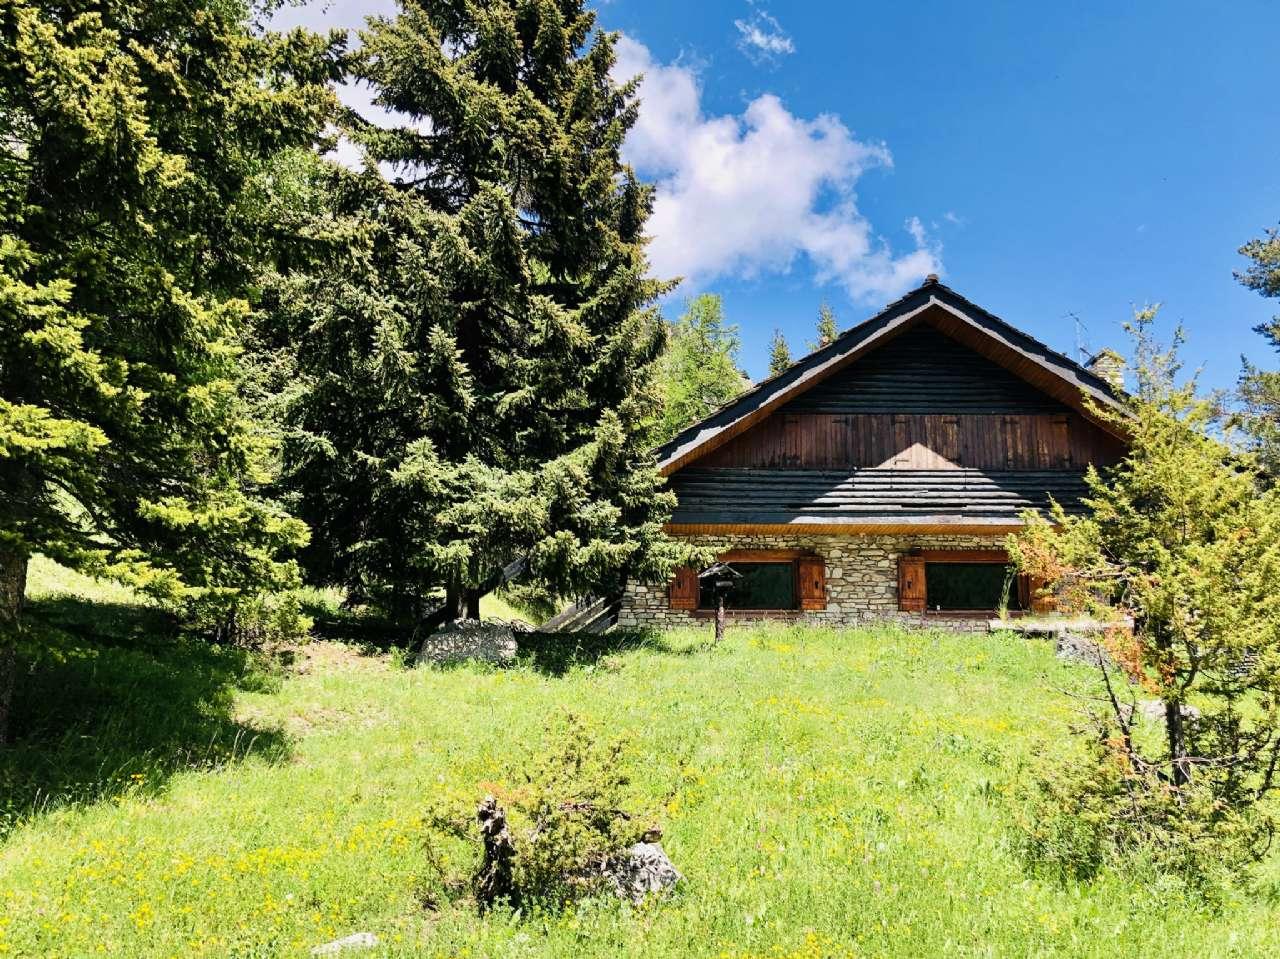 Villa in vendita a Claviere, 9 locali, prezzo € 1.800.000 | CambioCasa.it